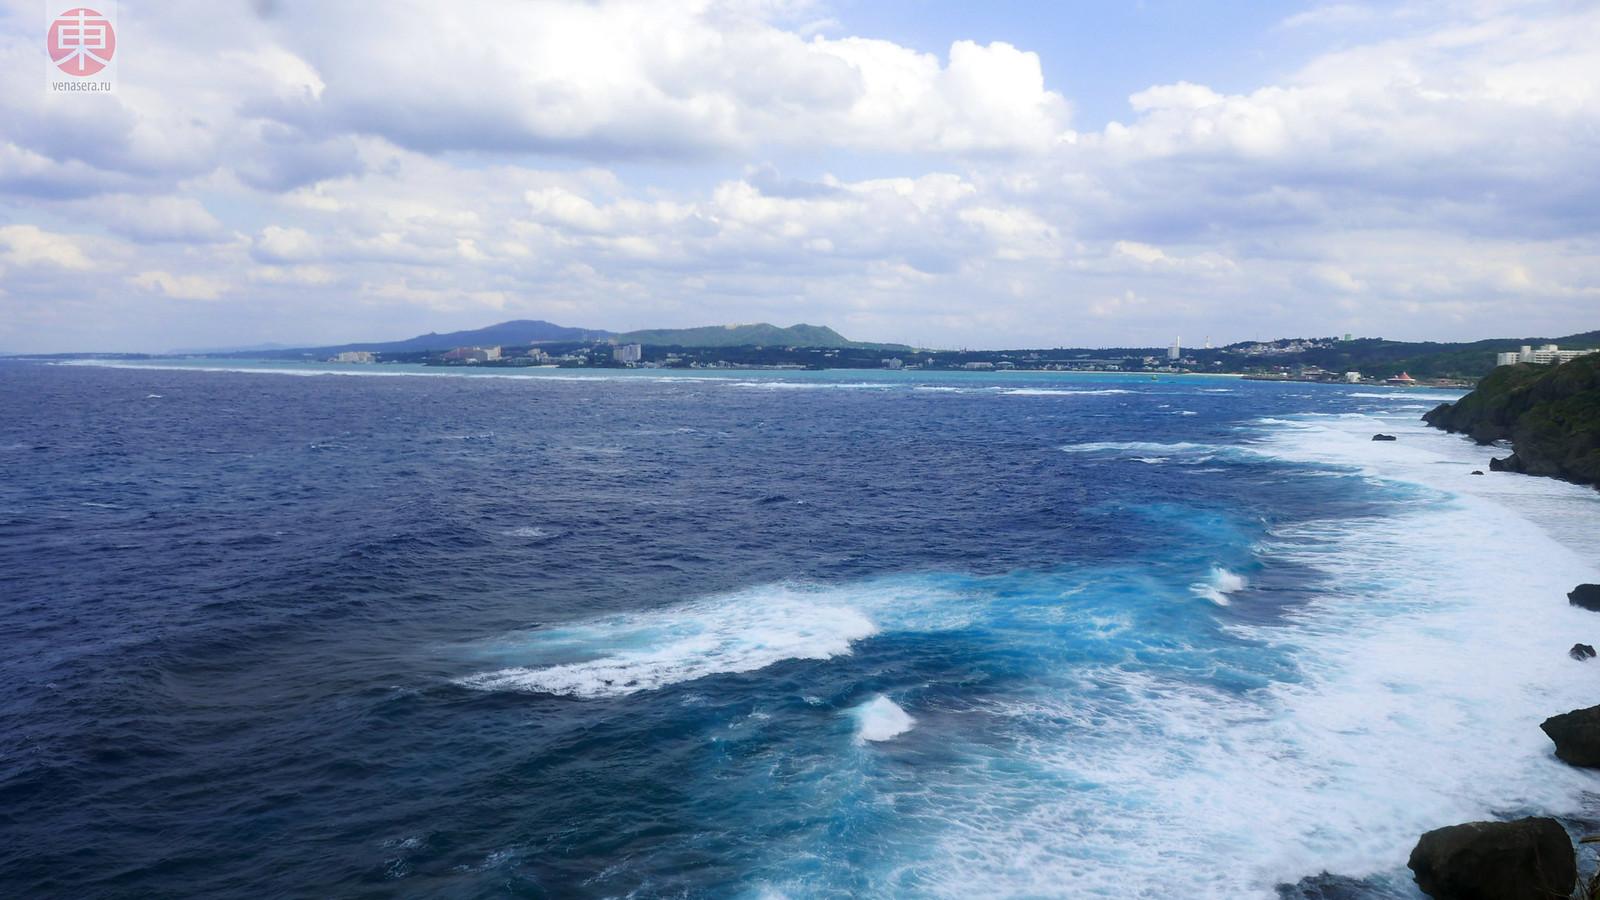 Мыс Маэда, Окинава, Япония